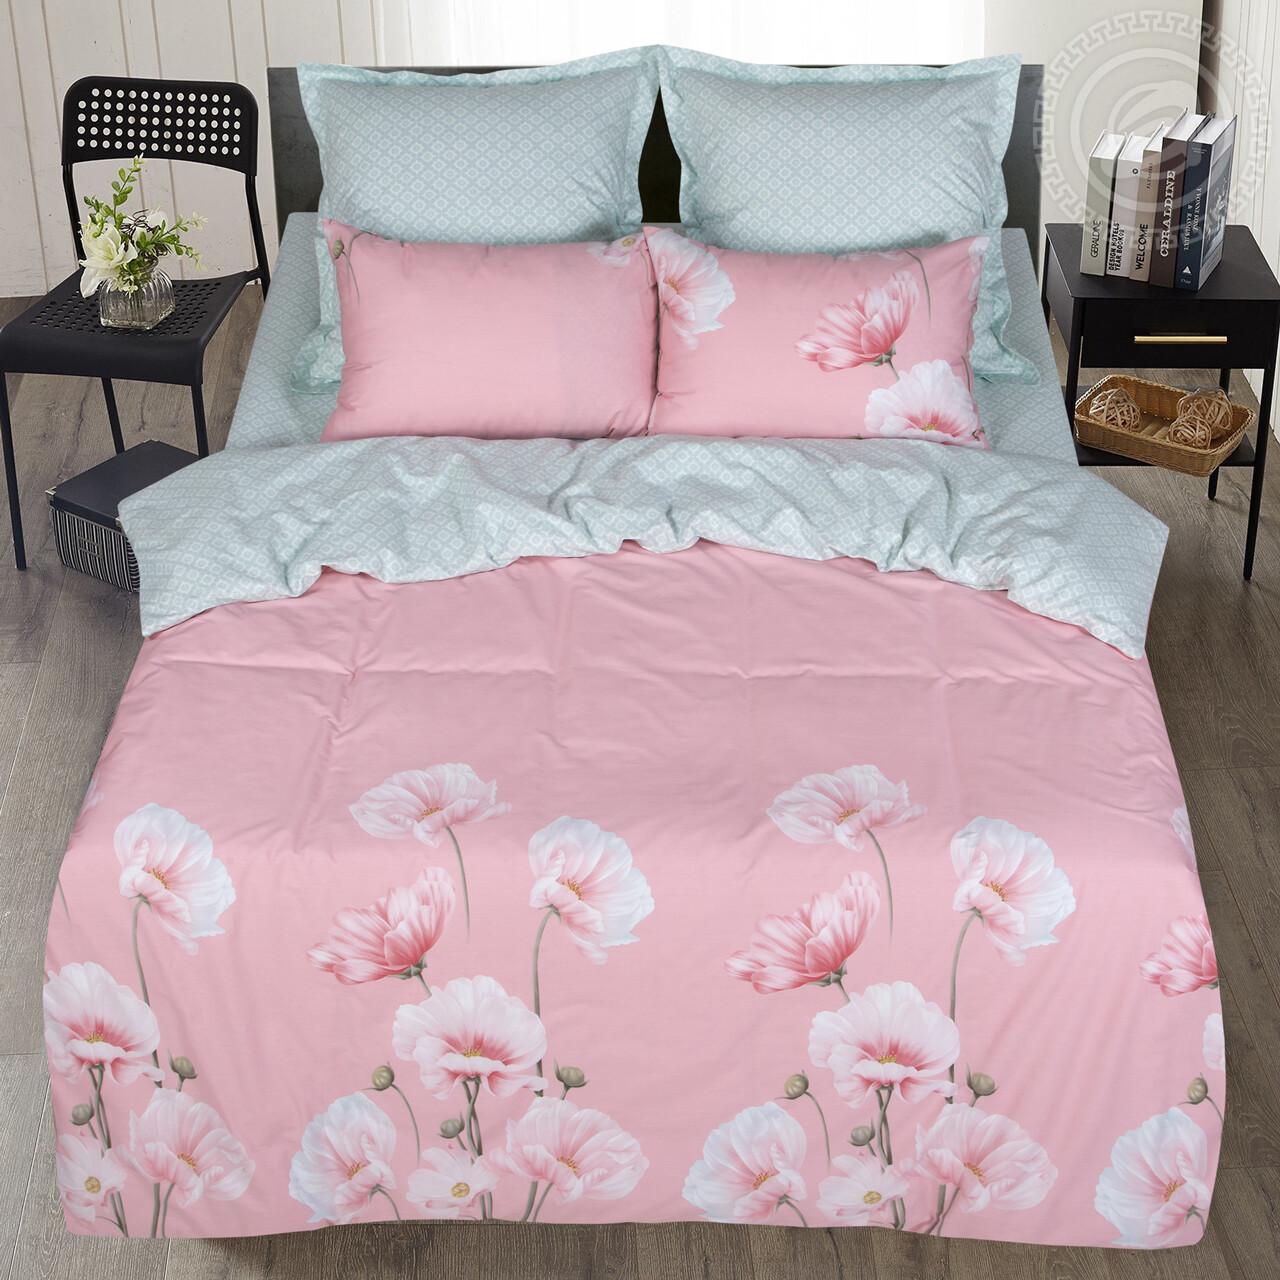 Магия цветов - Premium  (Комплекты постельного белья)